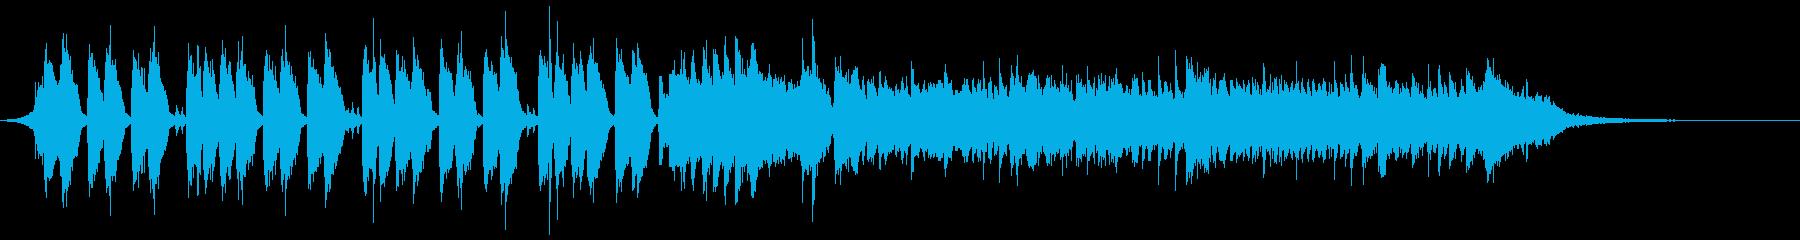 爽やかなサーフ系ギターロック・ポップスcの再生済みの波形